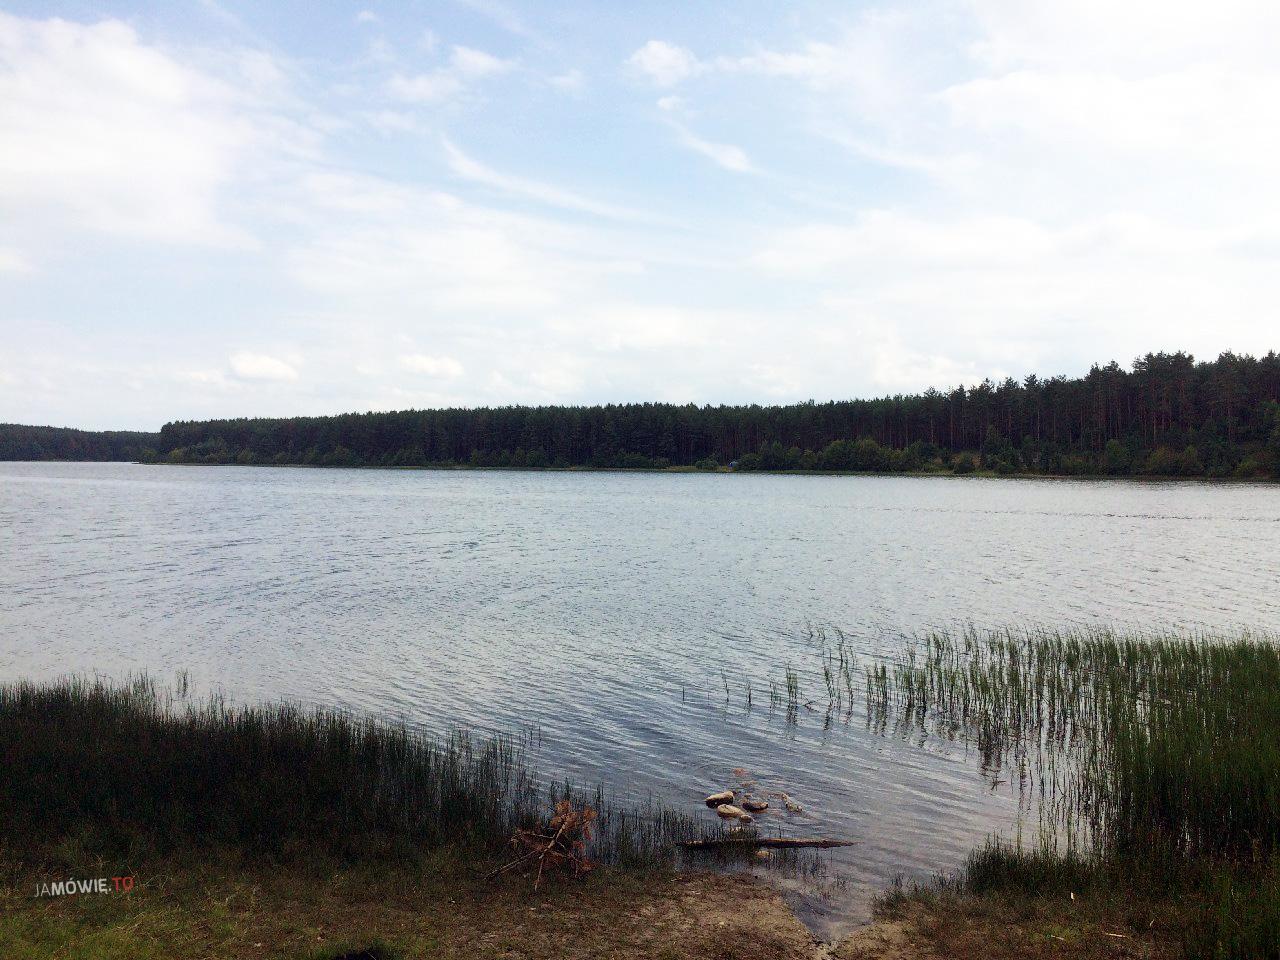 Jezioro Długie - Kamienne Kręgi w Węsiorach - Ja mówię TO http://jamowie.to